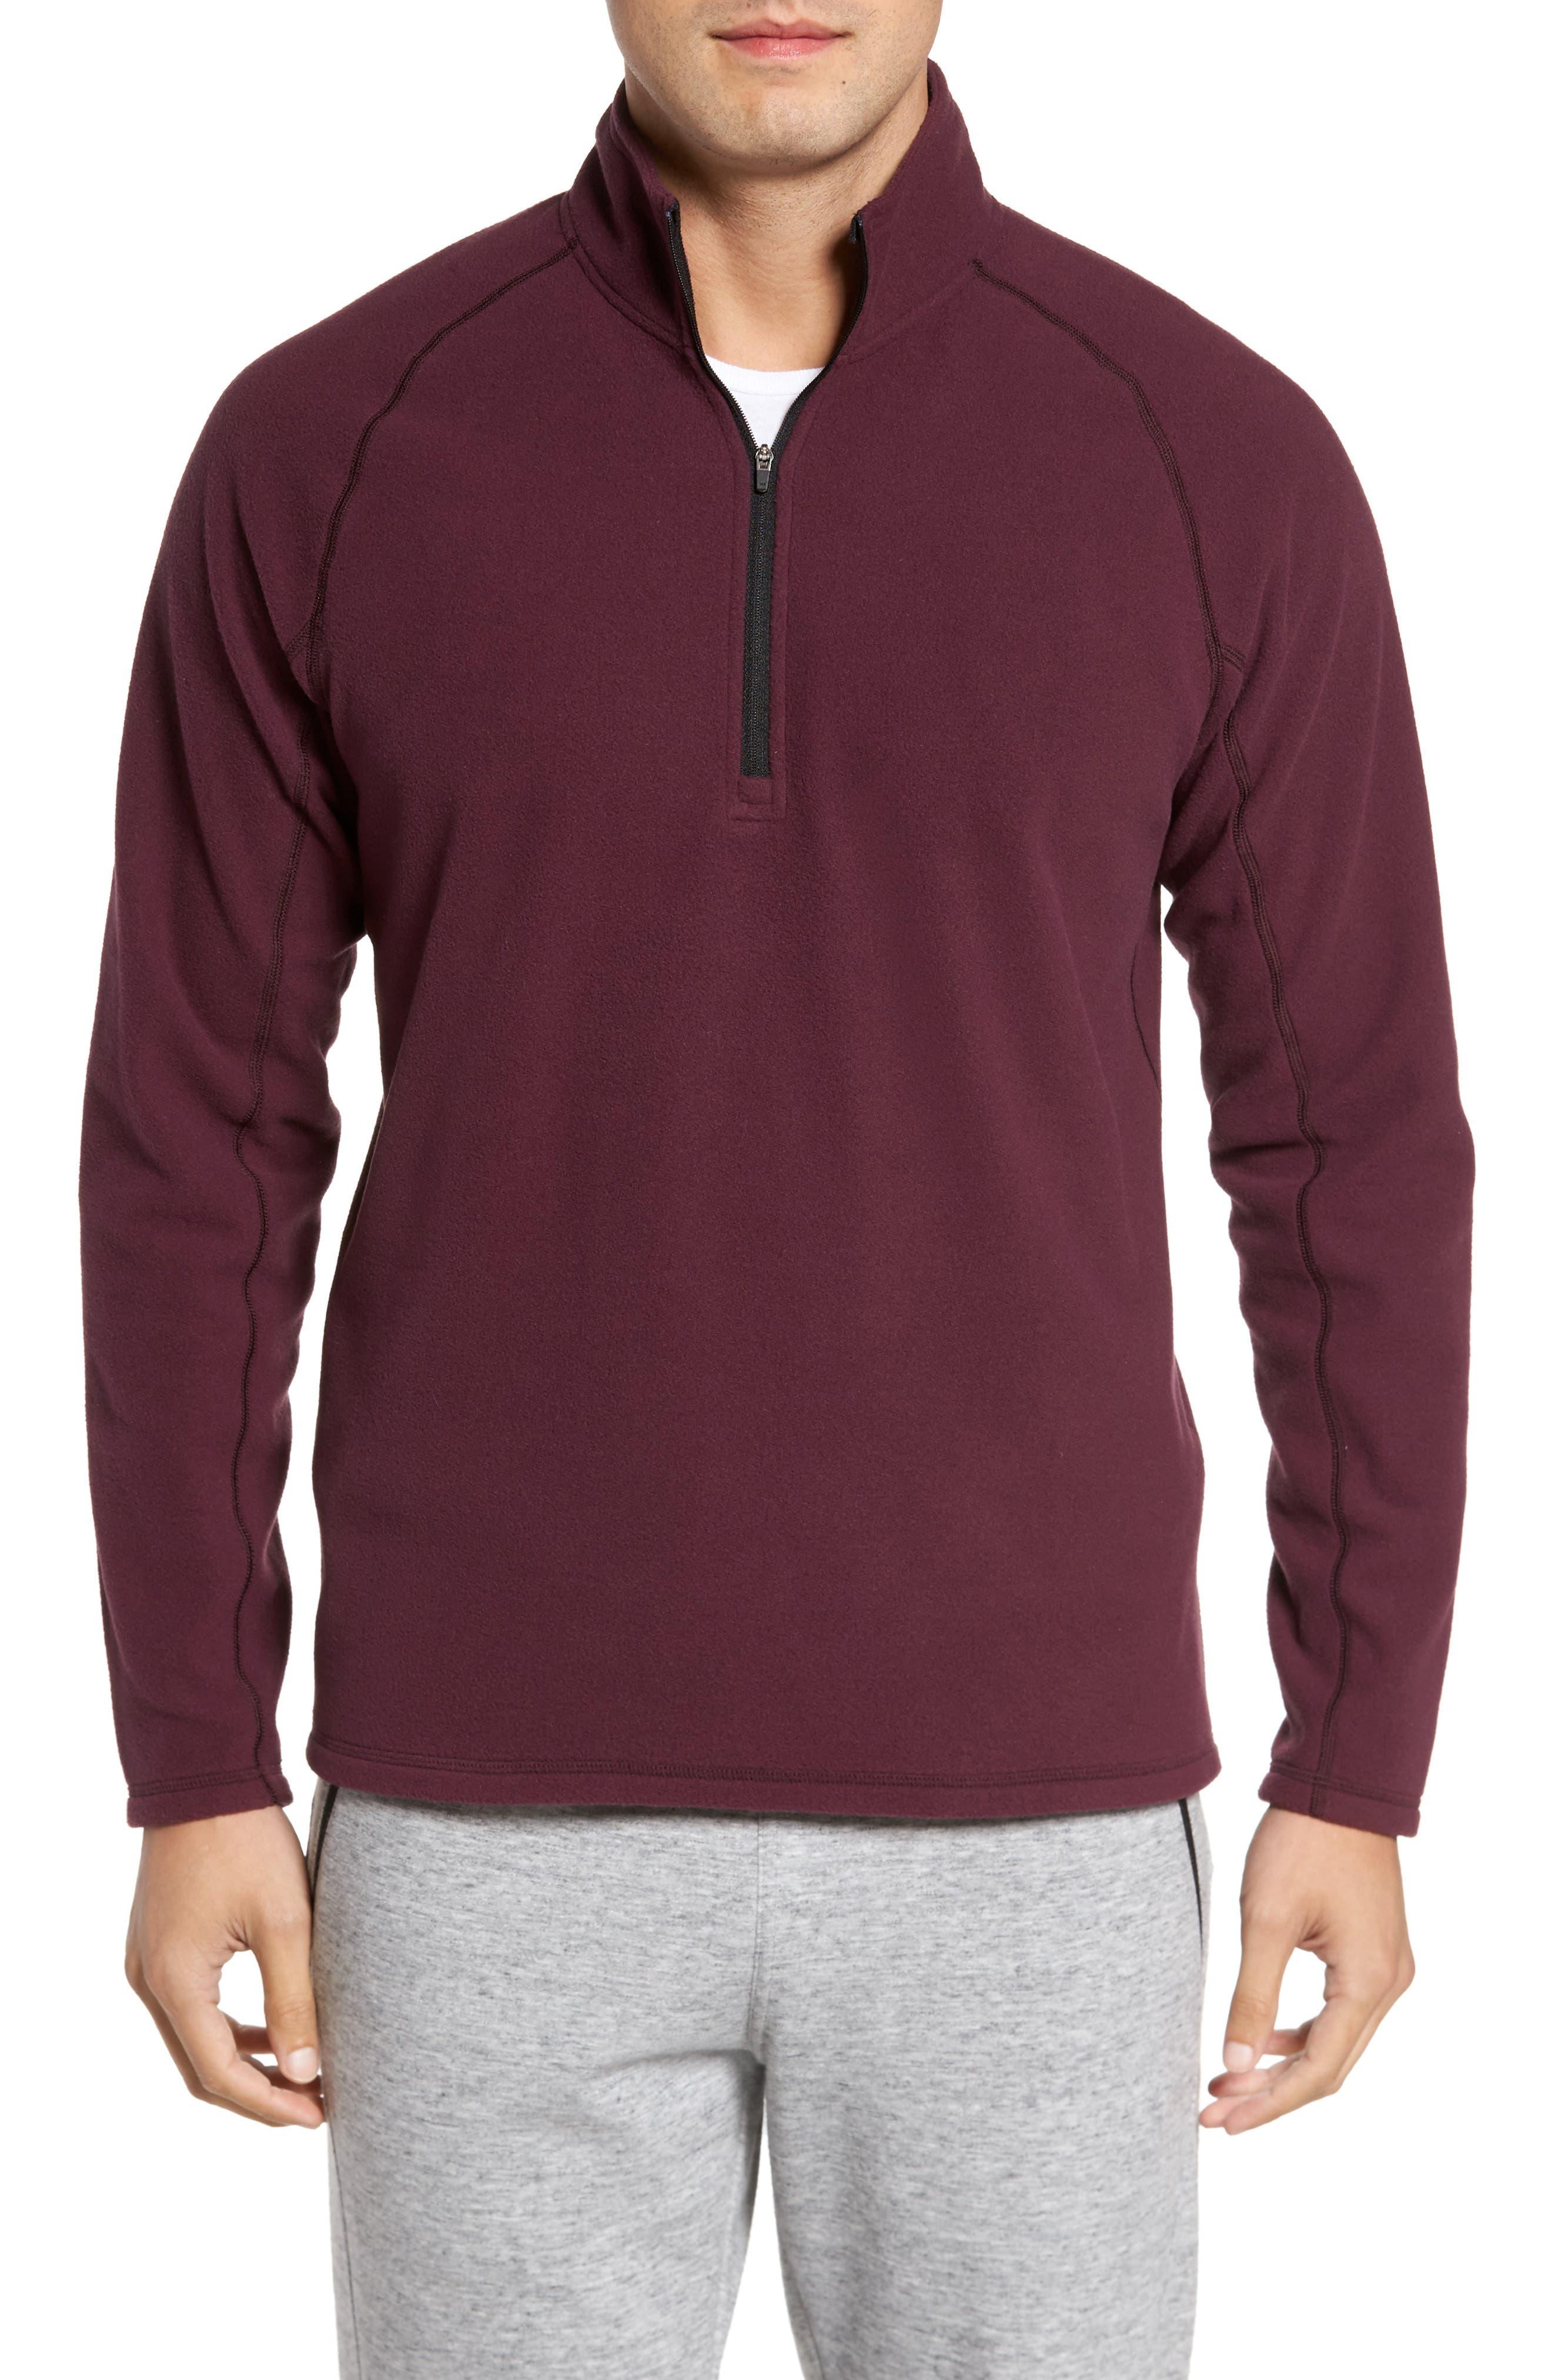 Main Image - Zella Quarter Zip Fleece Pullover